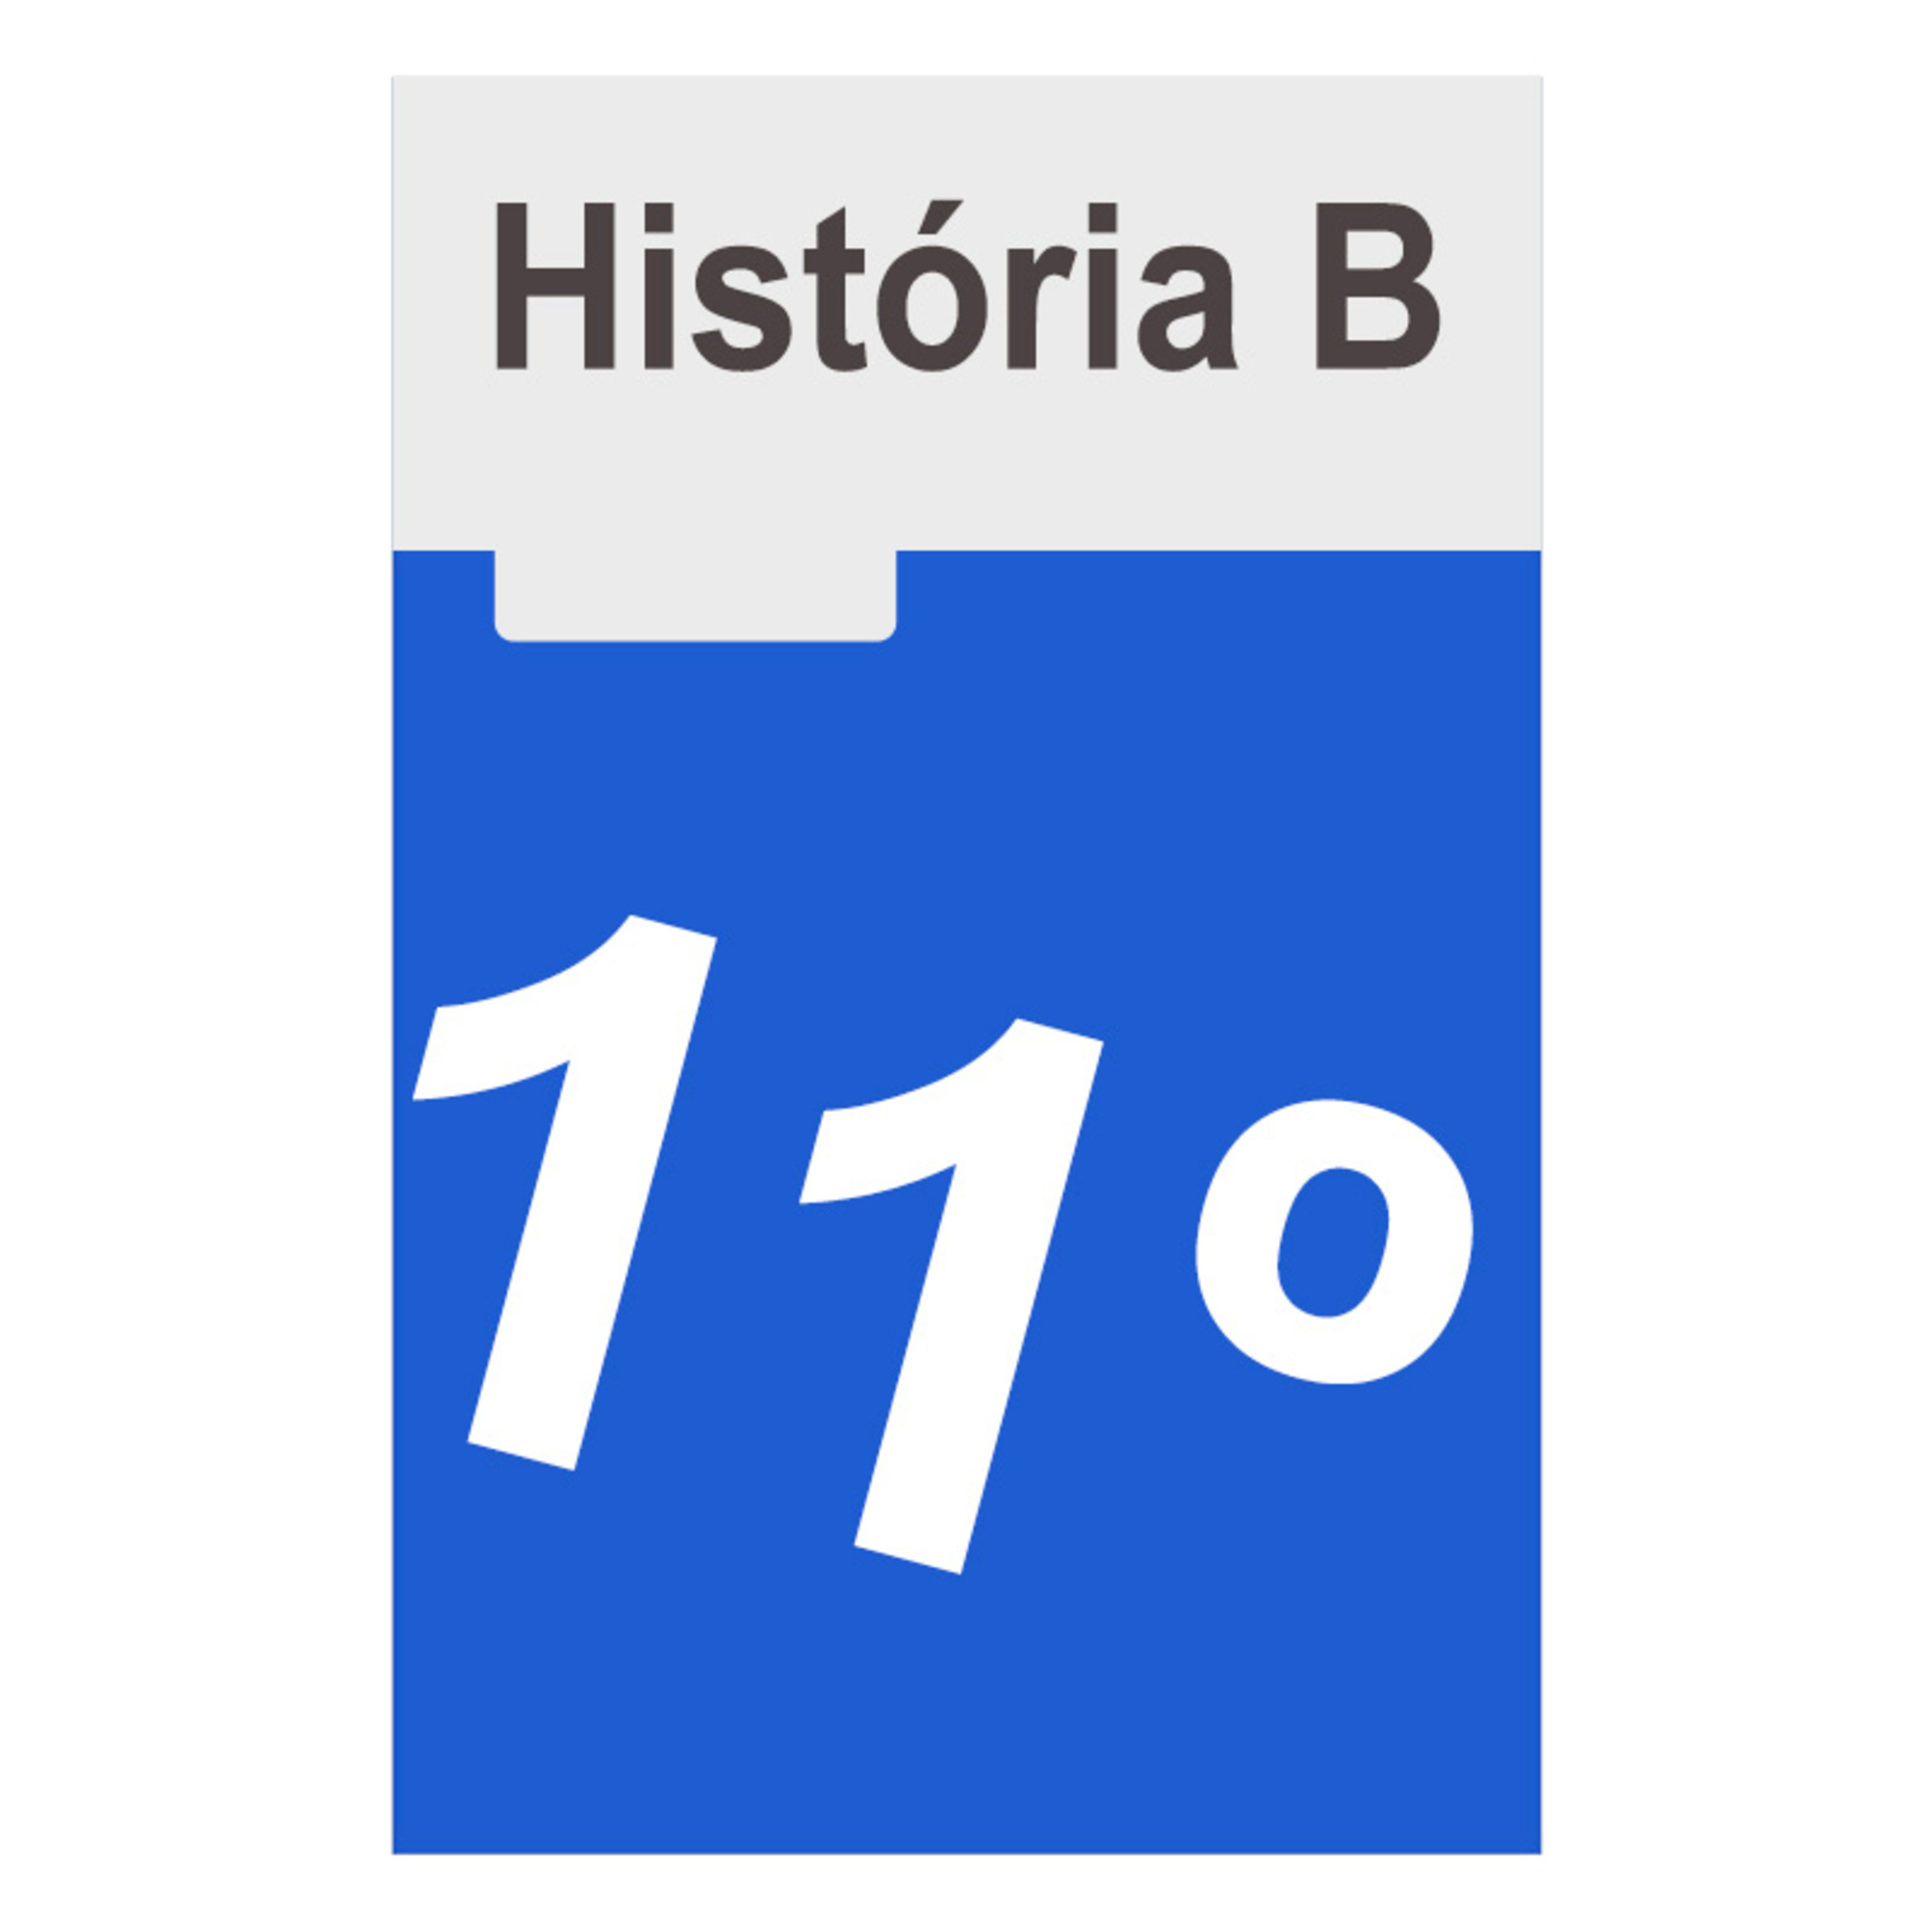 PORTO EDITORA - PORTO EDITORA Manual Tempos de Mudança (História B; 11º Ano)